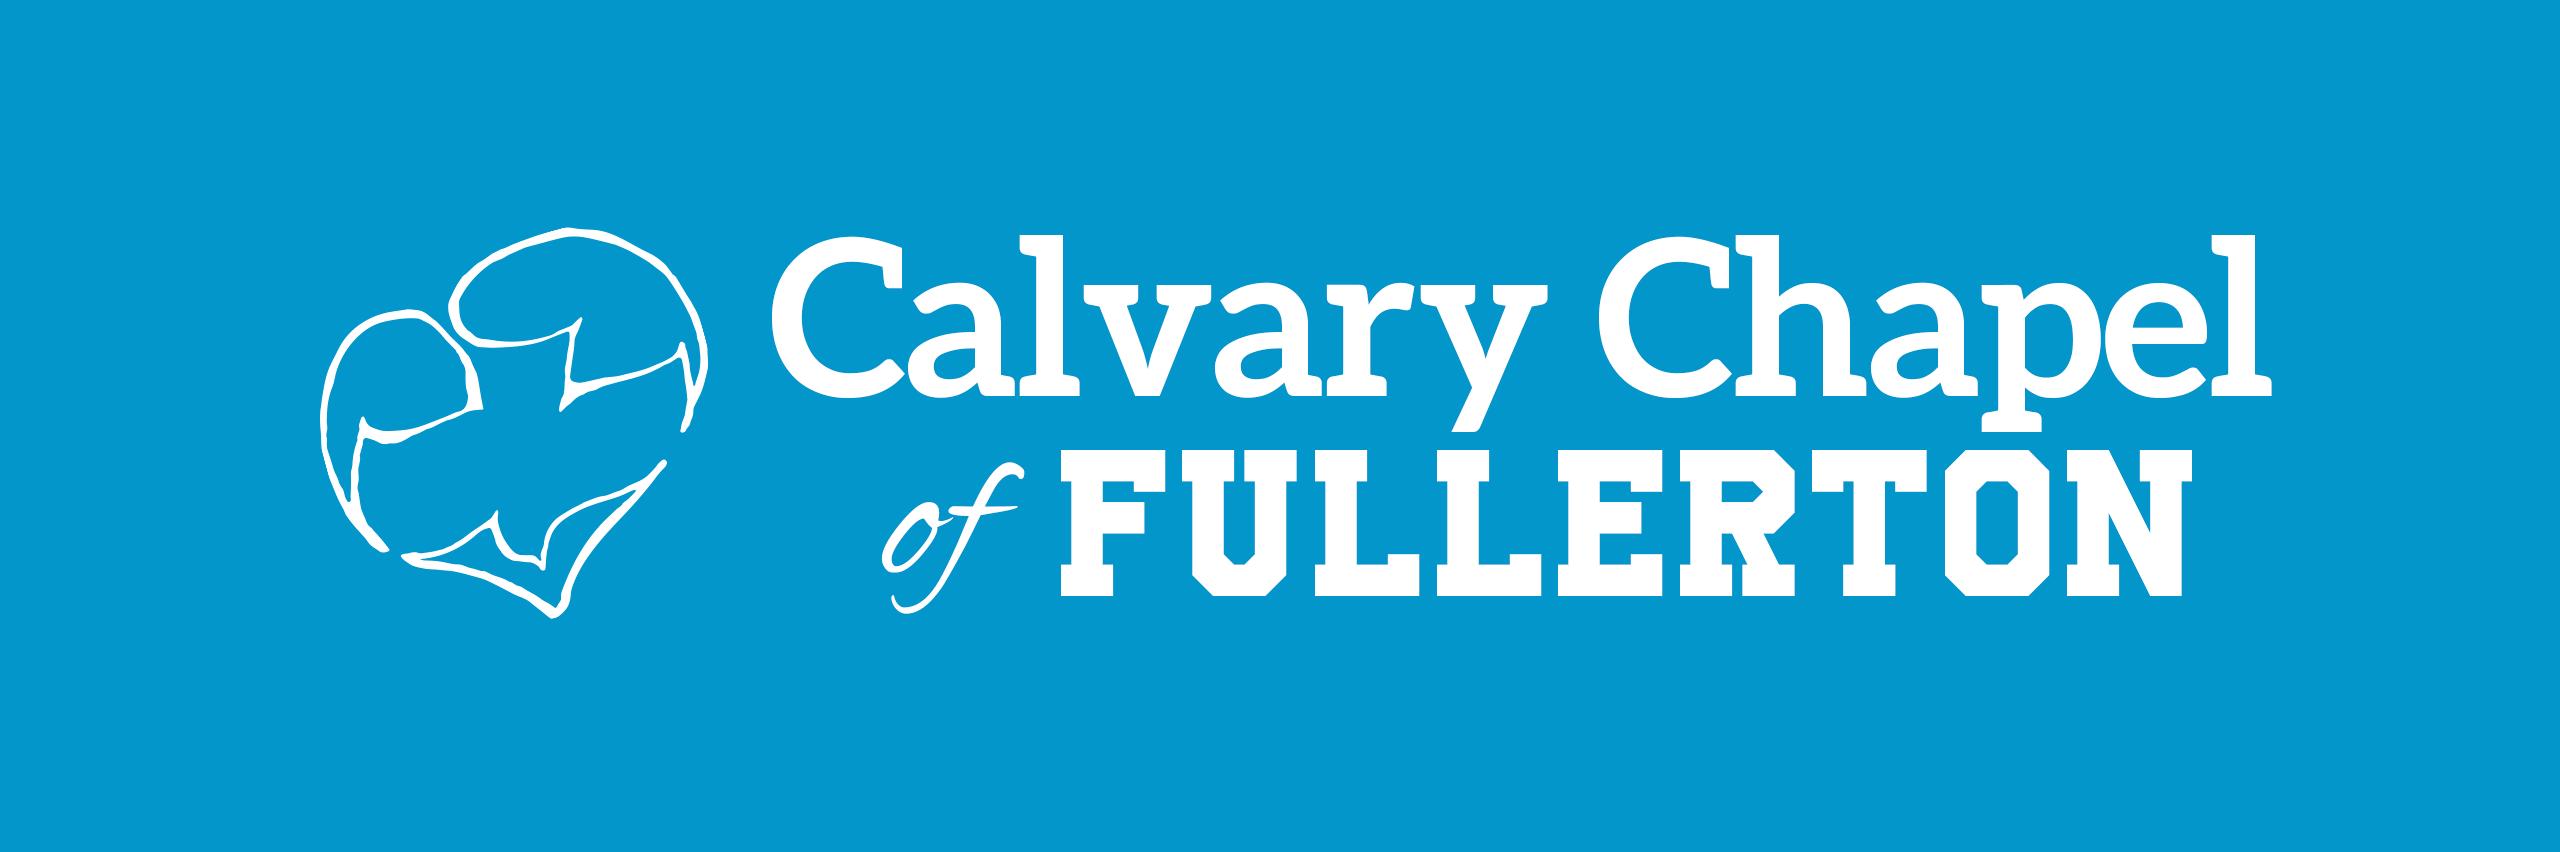 Calvary Chapel Fullerton